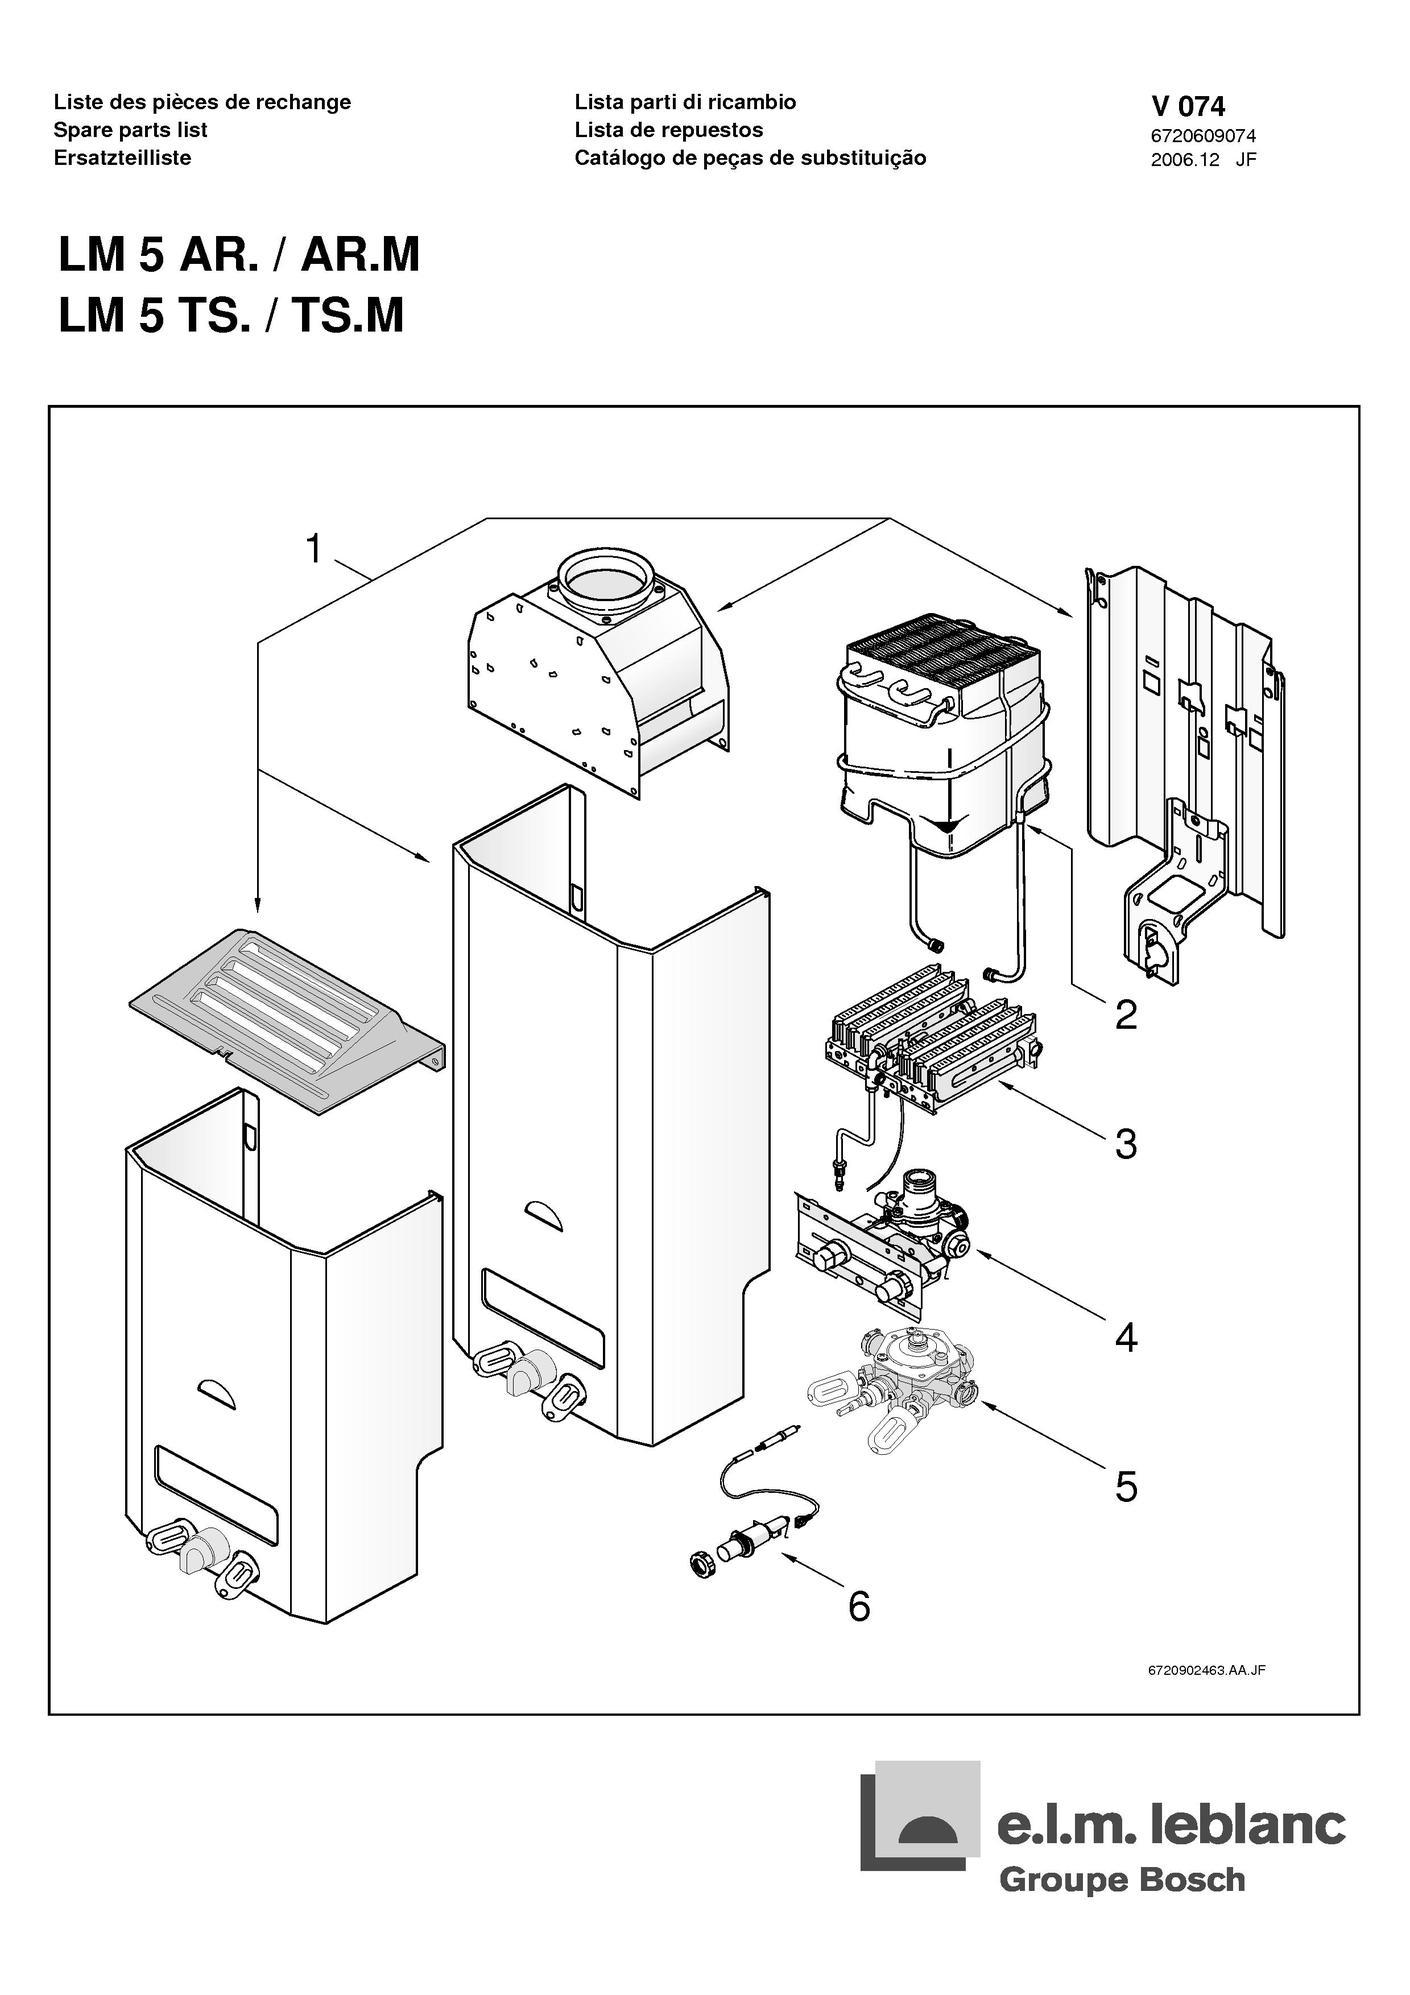 recherche directe dans la vue clat e de la nomenclature chauffe eau elm leblanc ondea lm 5 w135. Black Bedroom Furniture Sets. Home Design Ideas